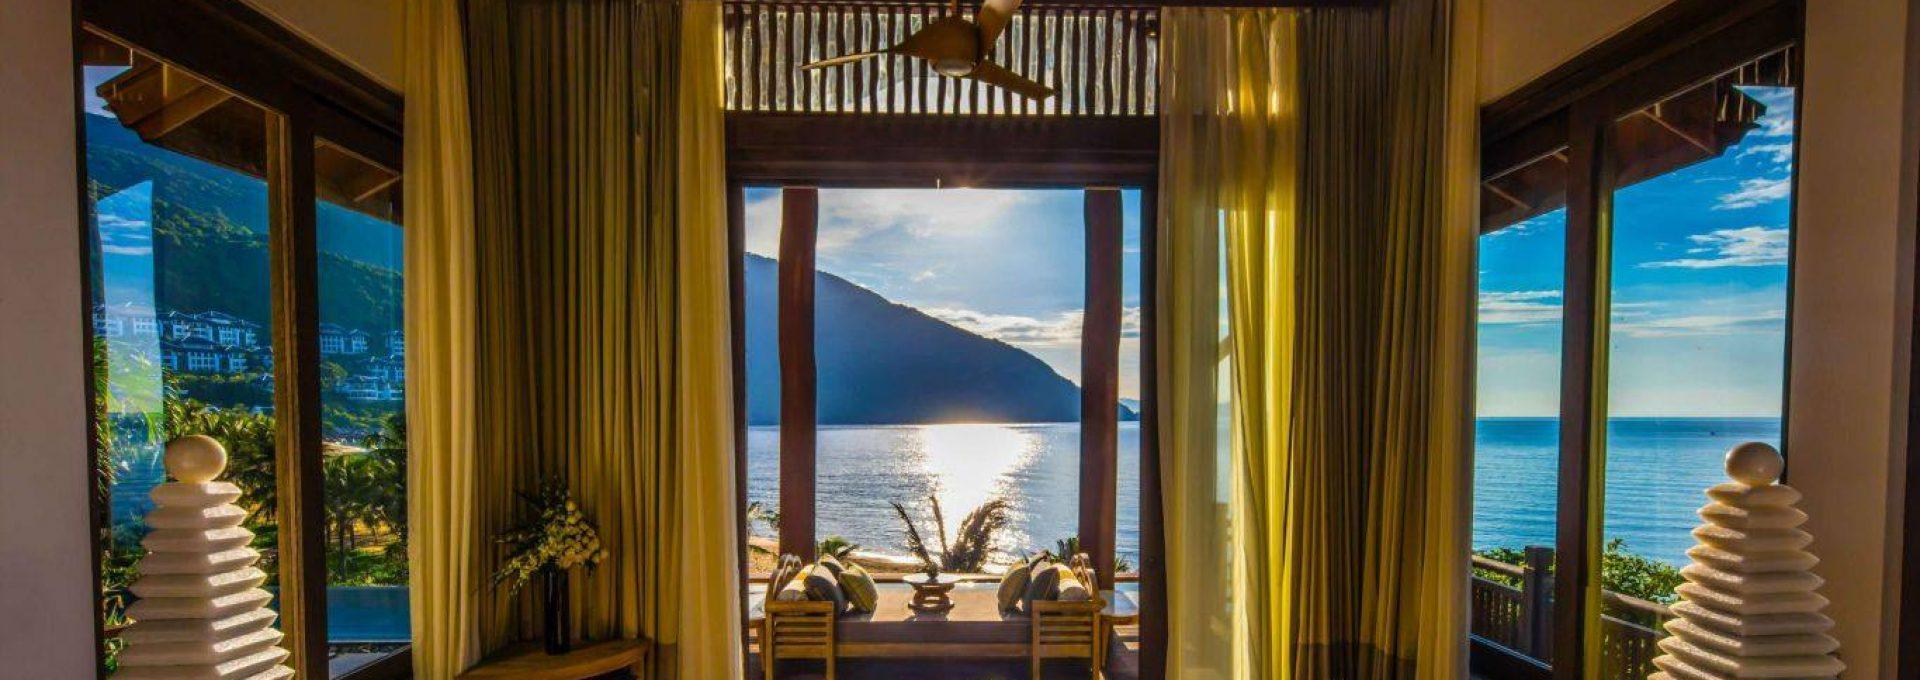 Đặt phòng Resort Đà Nẵng 5 sao